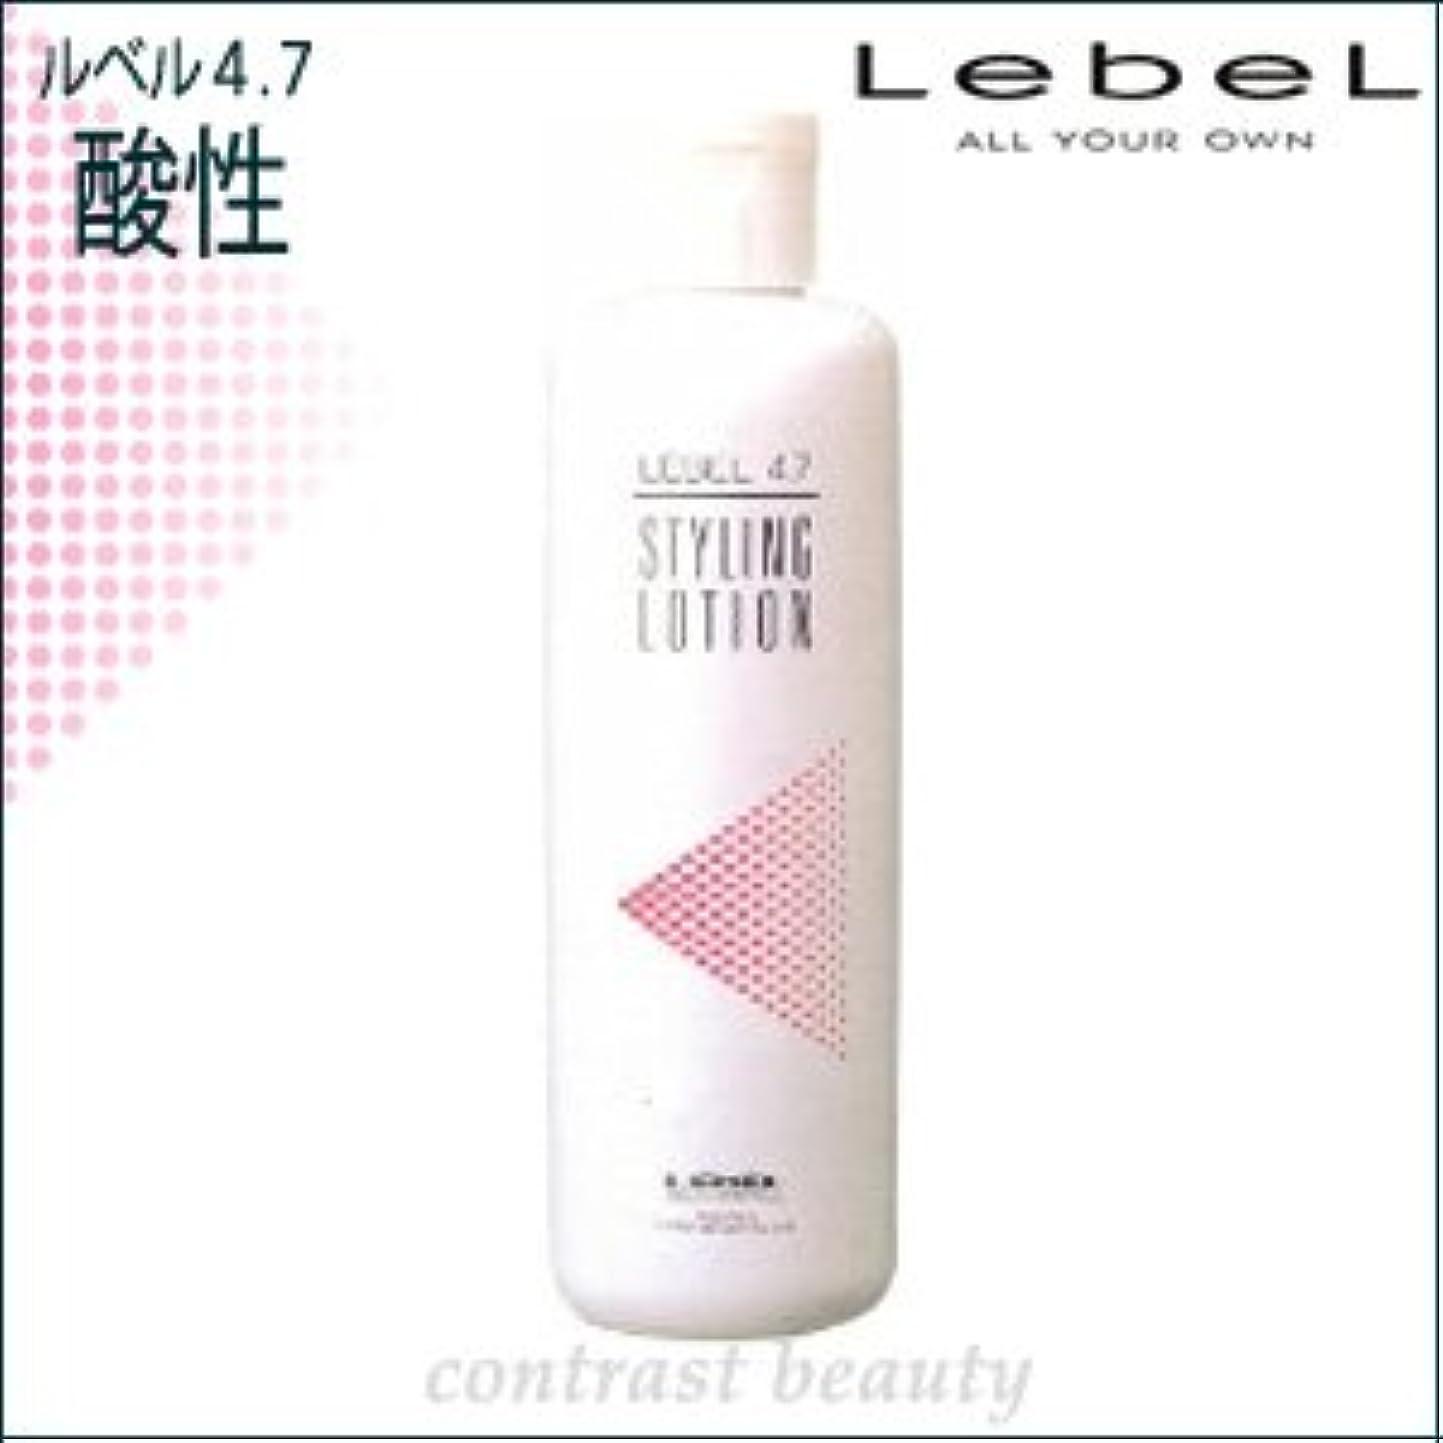 赤ちゃん非難ワックス【X2個セット】 ルベルコスメティックス/LebeL 4.7酸性 スタイリングローション 400ml